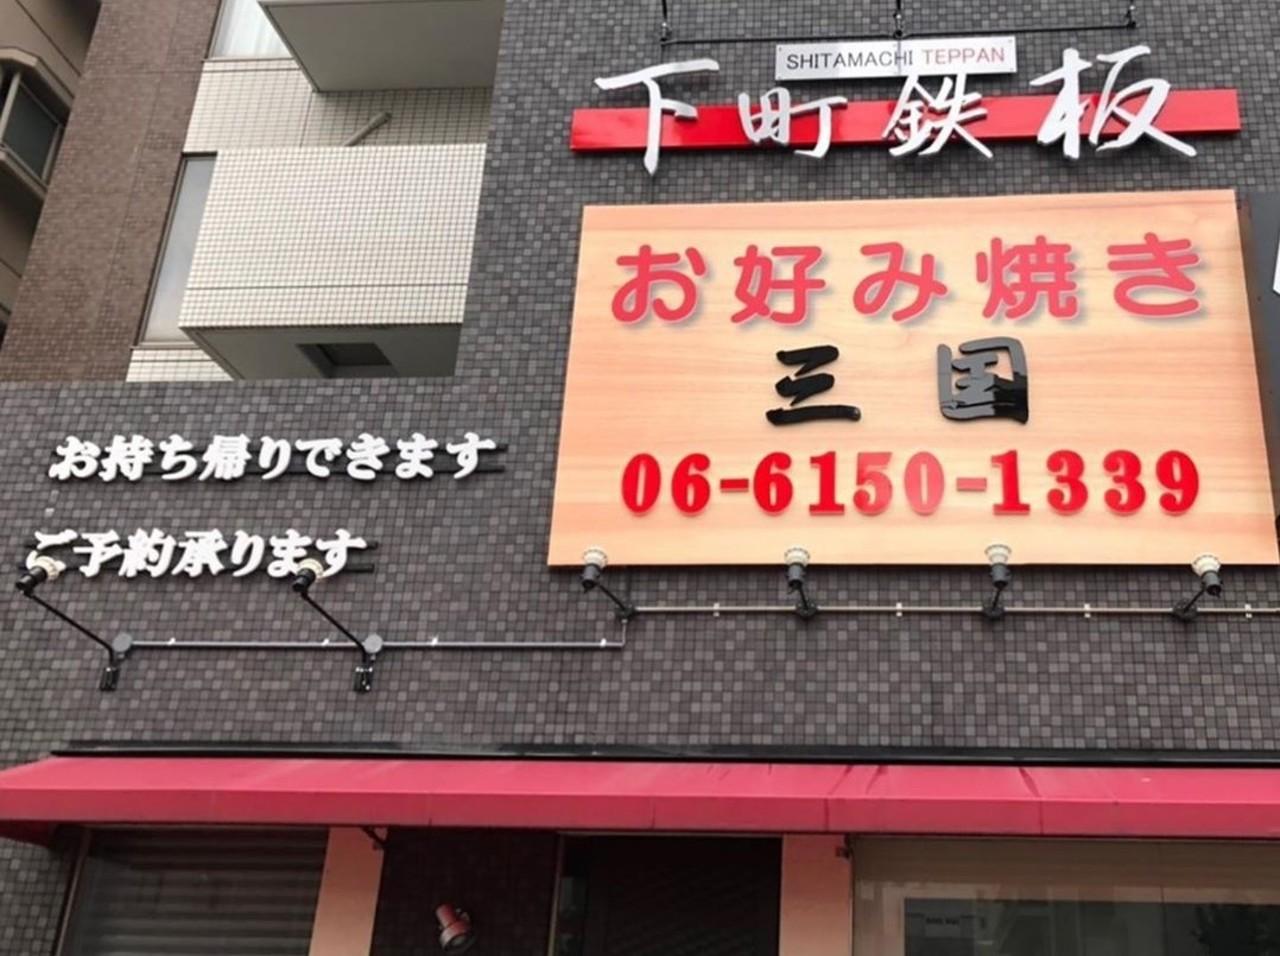 祝!3/19open『下町鉄板 三国』鉄板焼き・お好み焼き(大阪市淀川区)